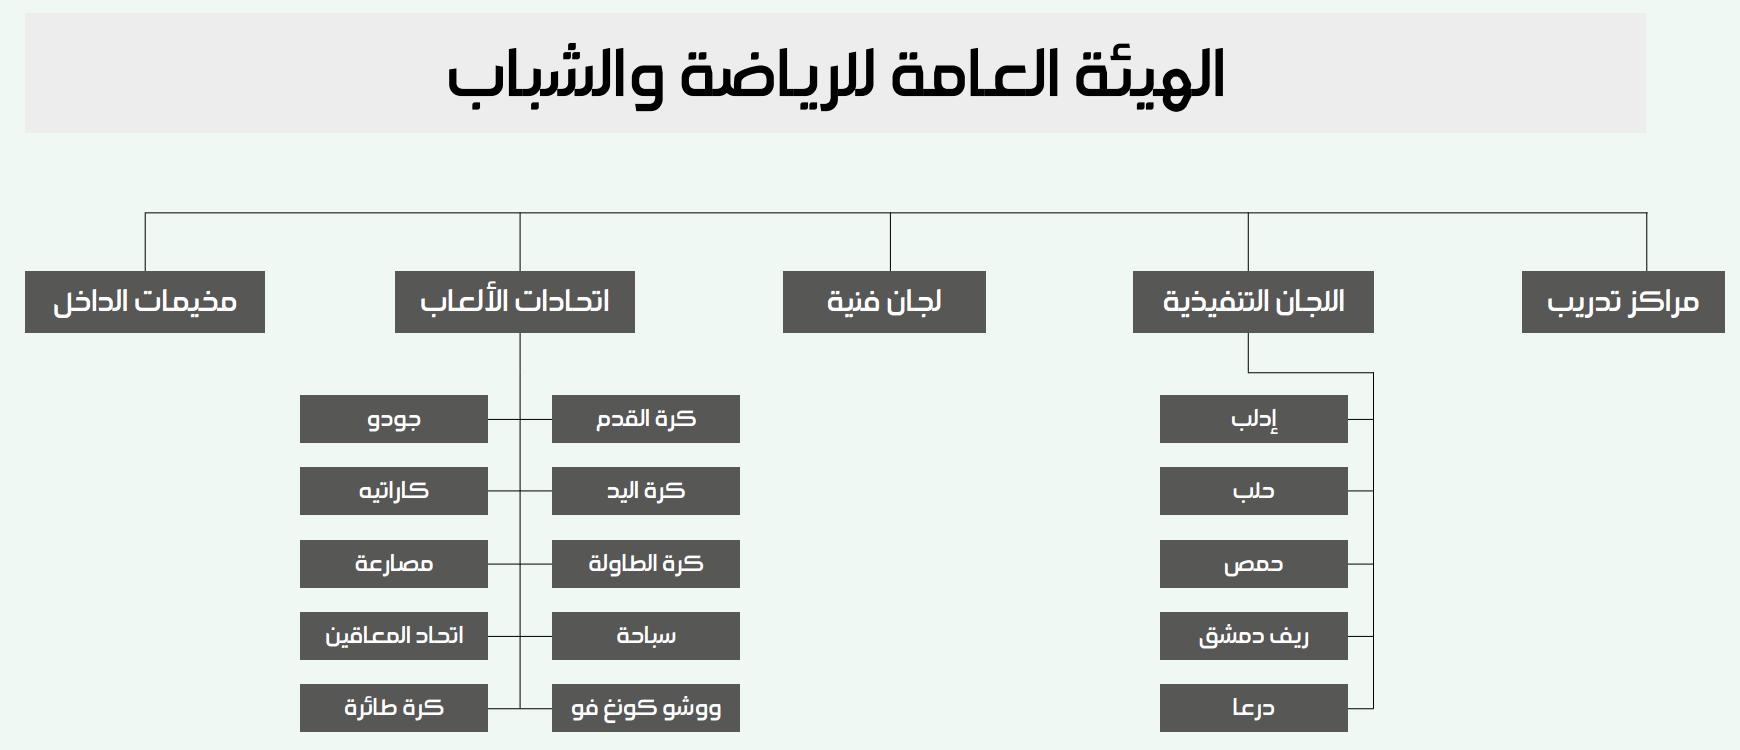 مخطط يظهر هيكلية الهيئة العامة للشباب والرياضة (عنب بلدي)